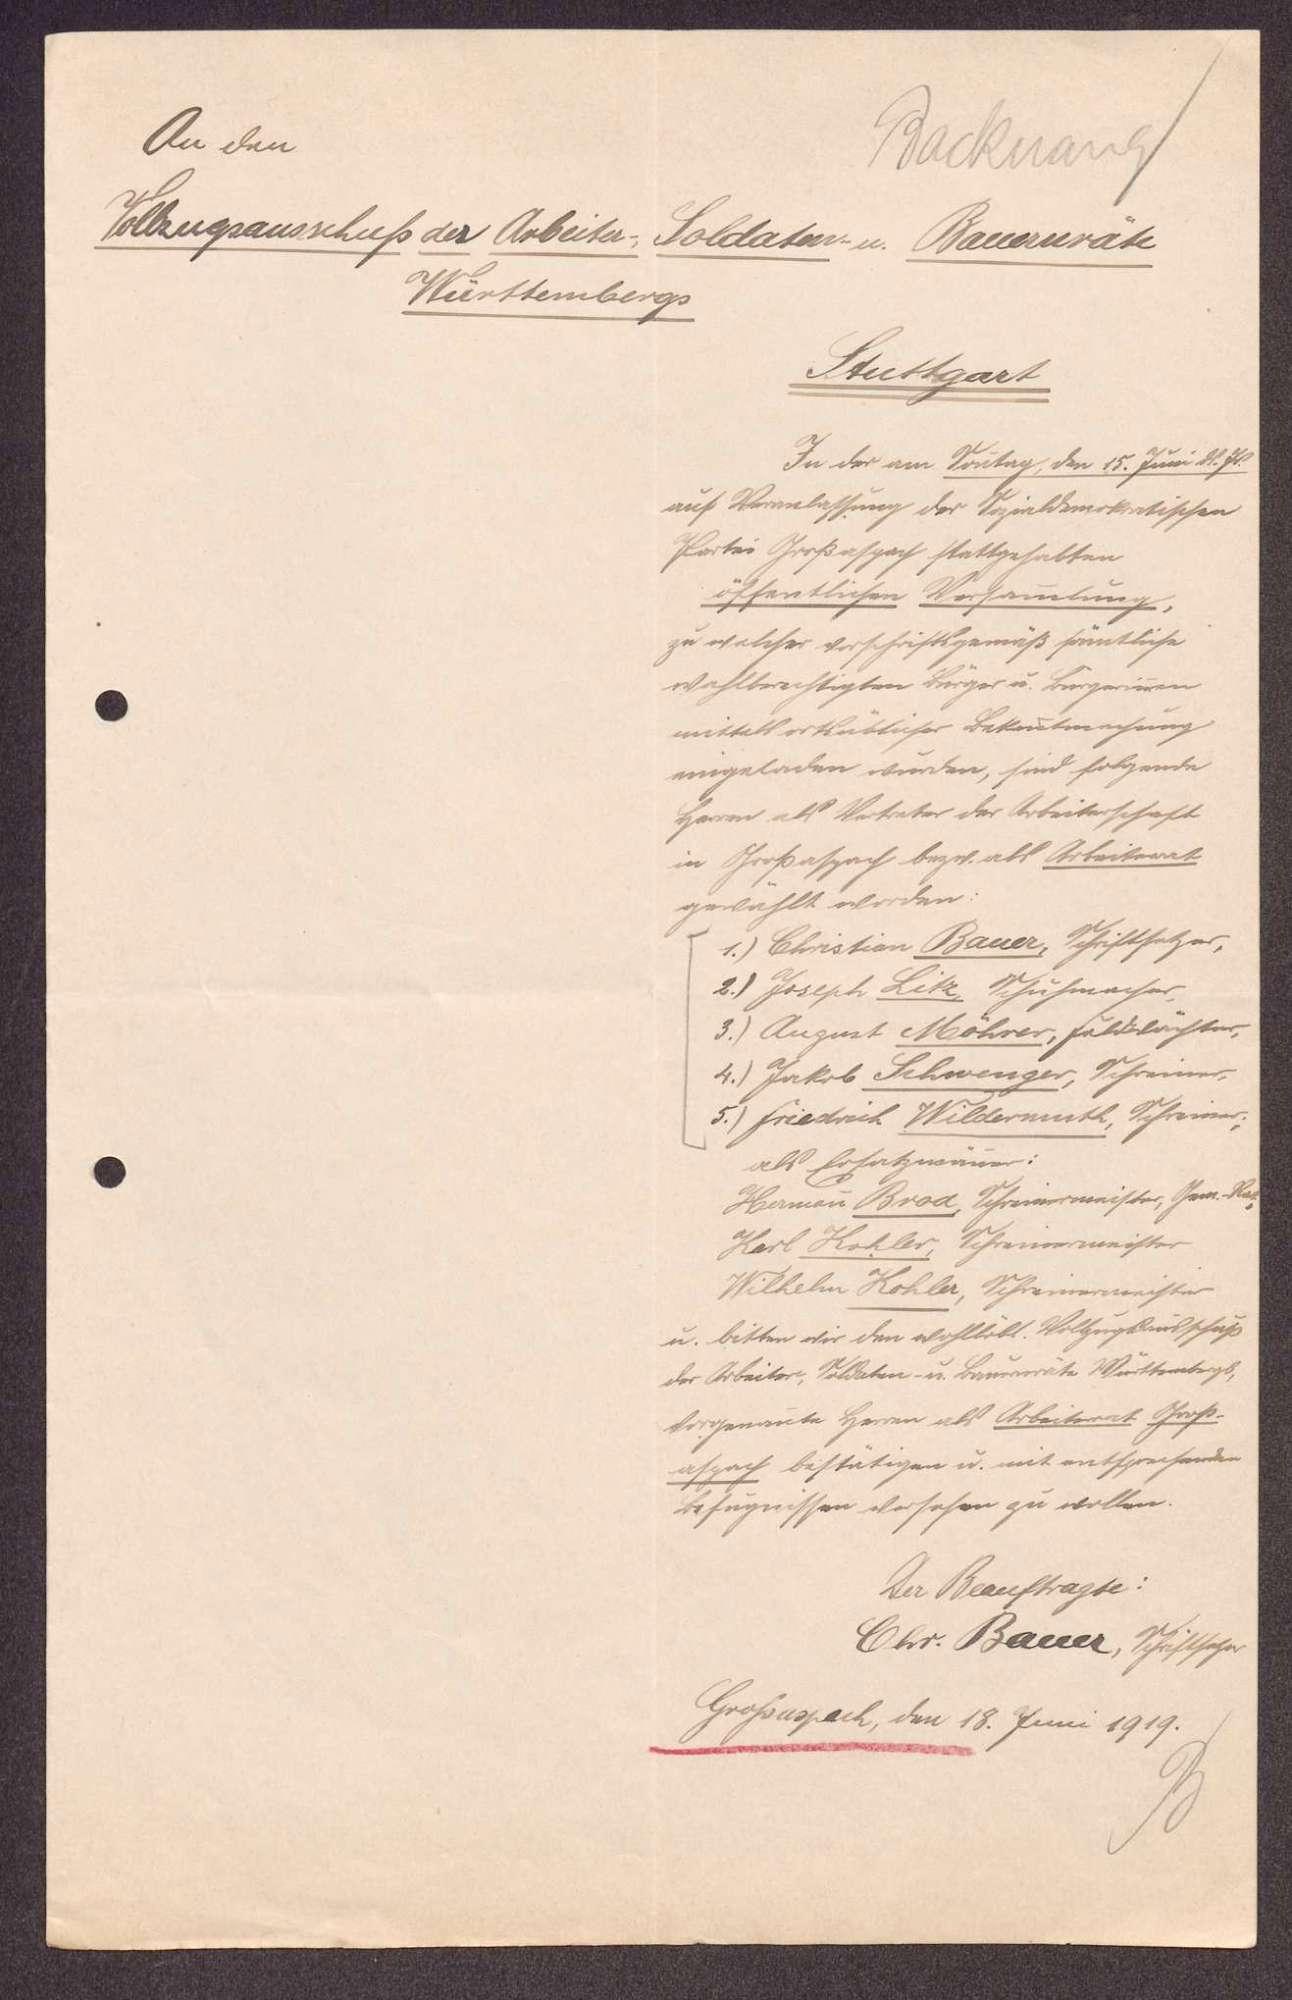 Wahl, Zusammensetzung und Auflösung der Arbeiter- und Bauernräte im Oberamt Backnang, Bild 2